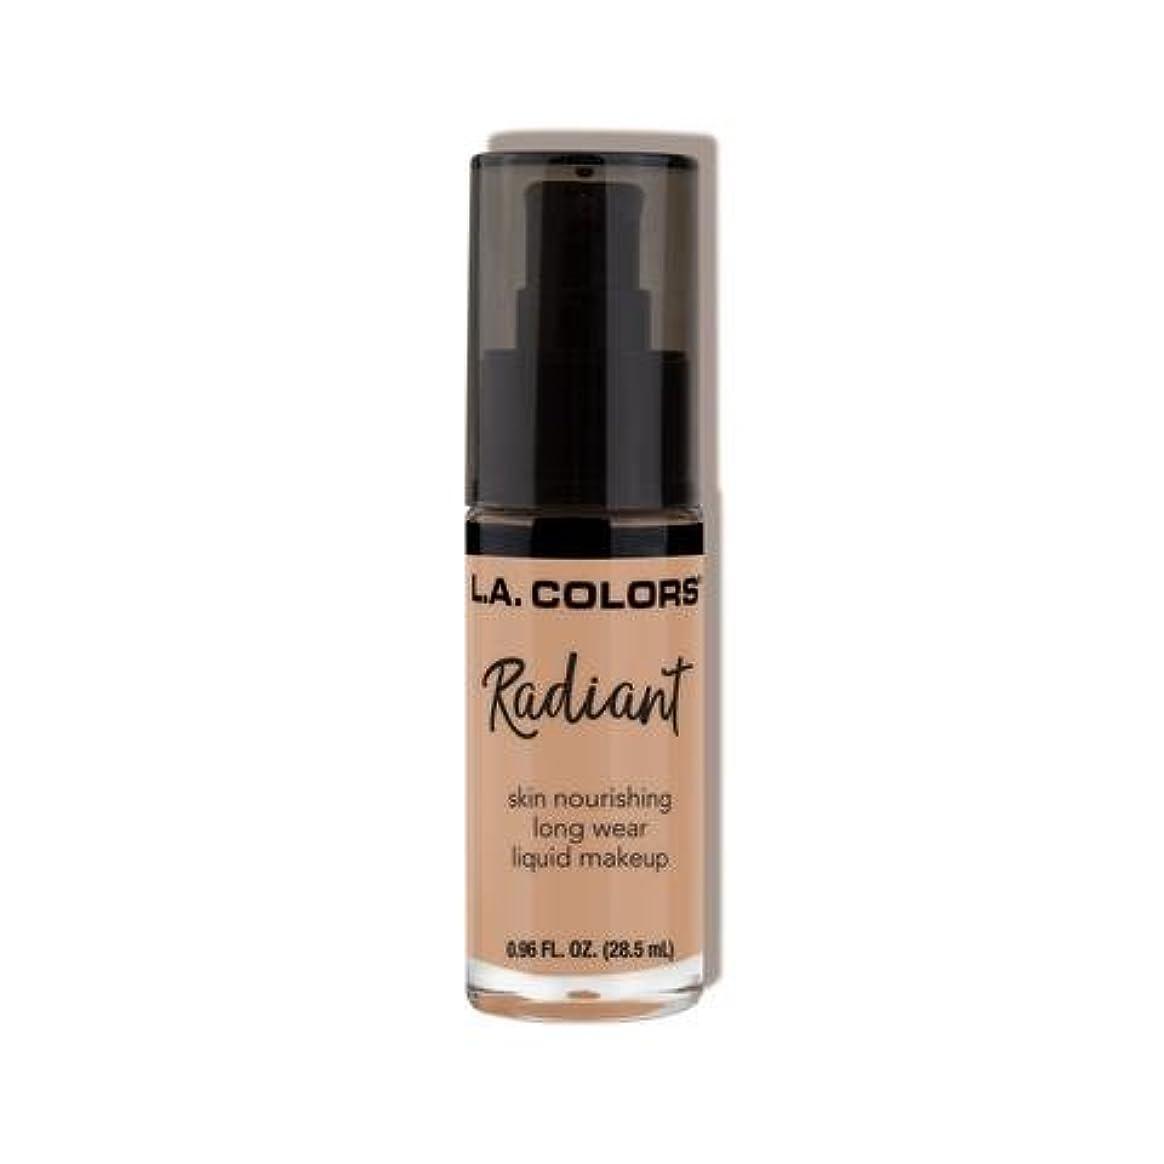 戦術分泌する豪華な(6 Pack) L.A. COLORS Radiant Liquid Makeup - Medium Tan (並行輸入品)